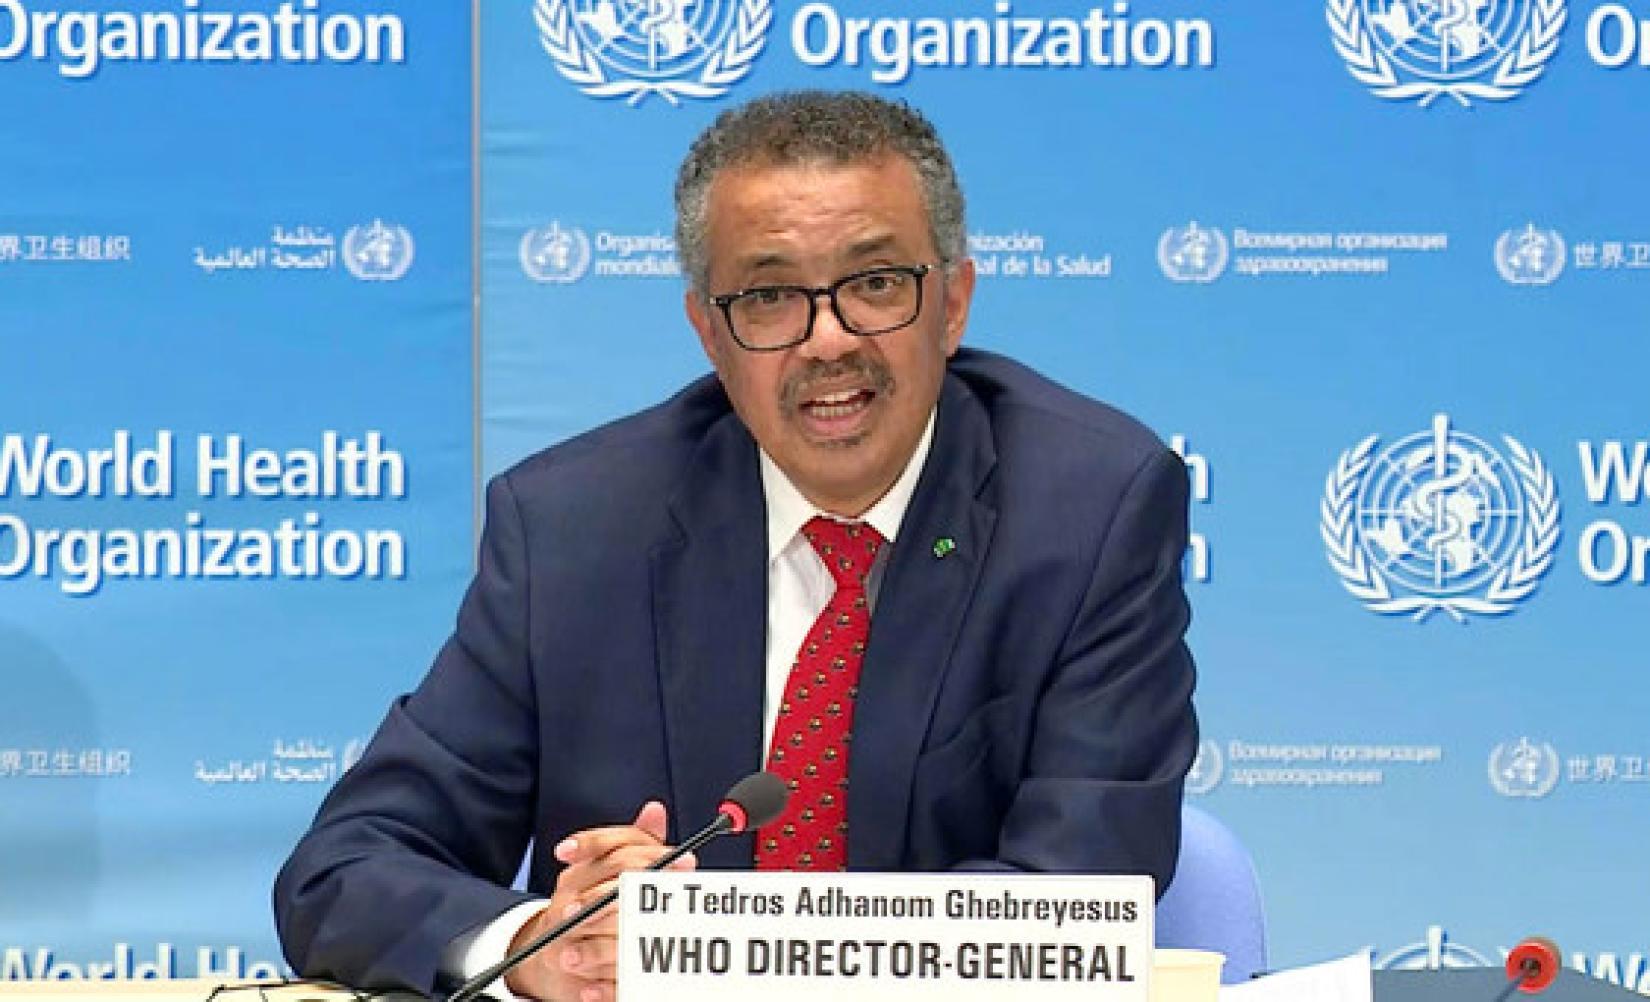 Diretor geral da OMS, Tedros Ghebreyesus, destacou o aumento de casos e a lotação de hospitais em diversas parte do mundo.